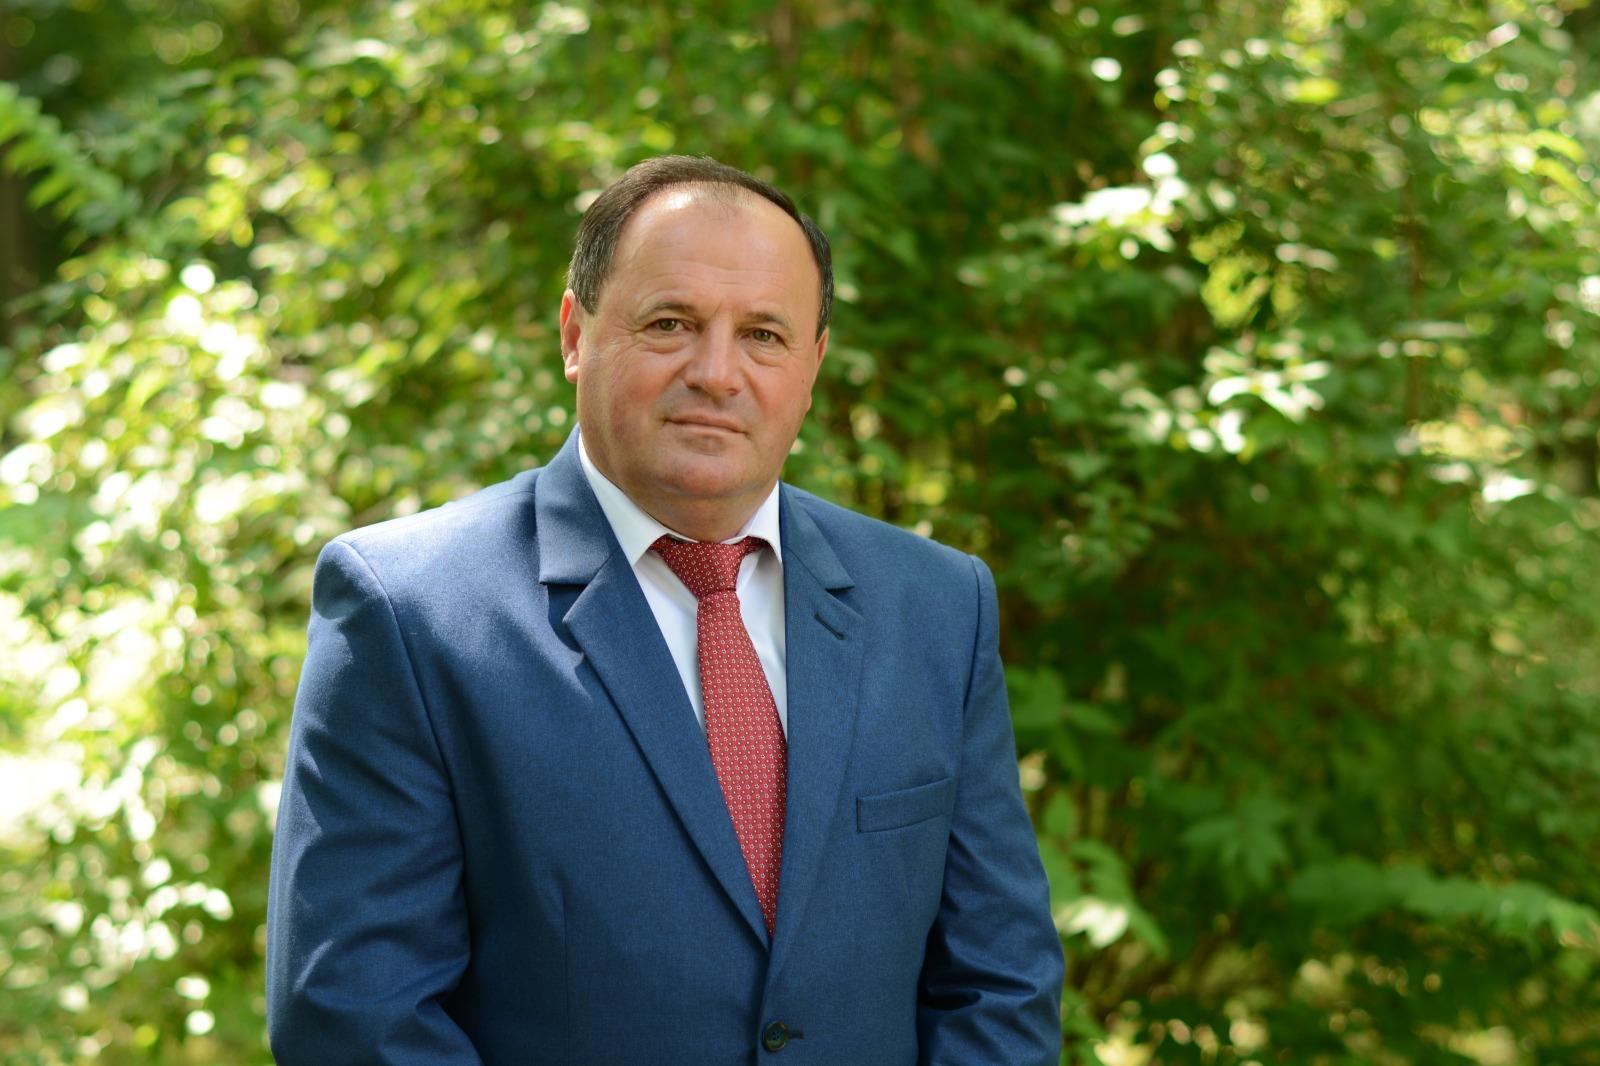 Administrația comunei Stroești se adaptează la bugetul actual, chiar dacă este insuficient